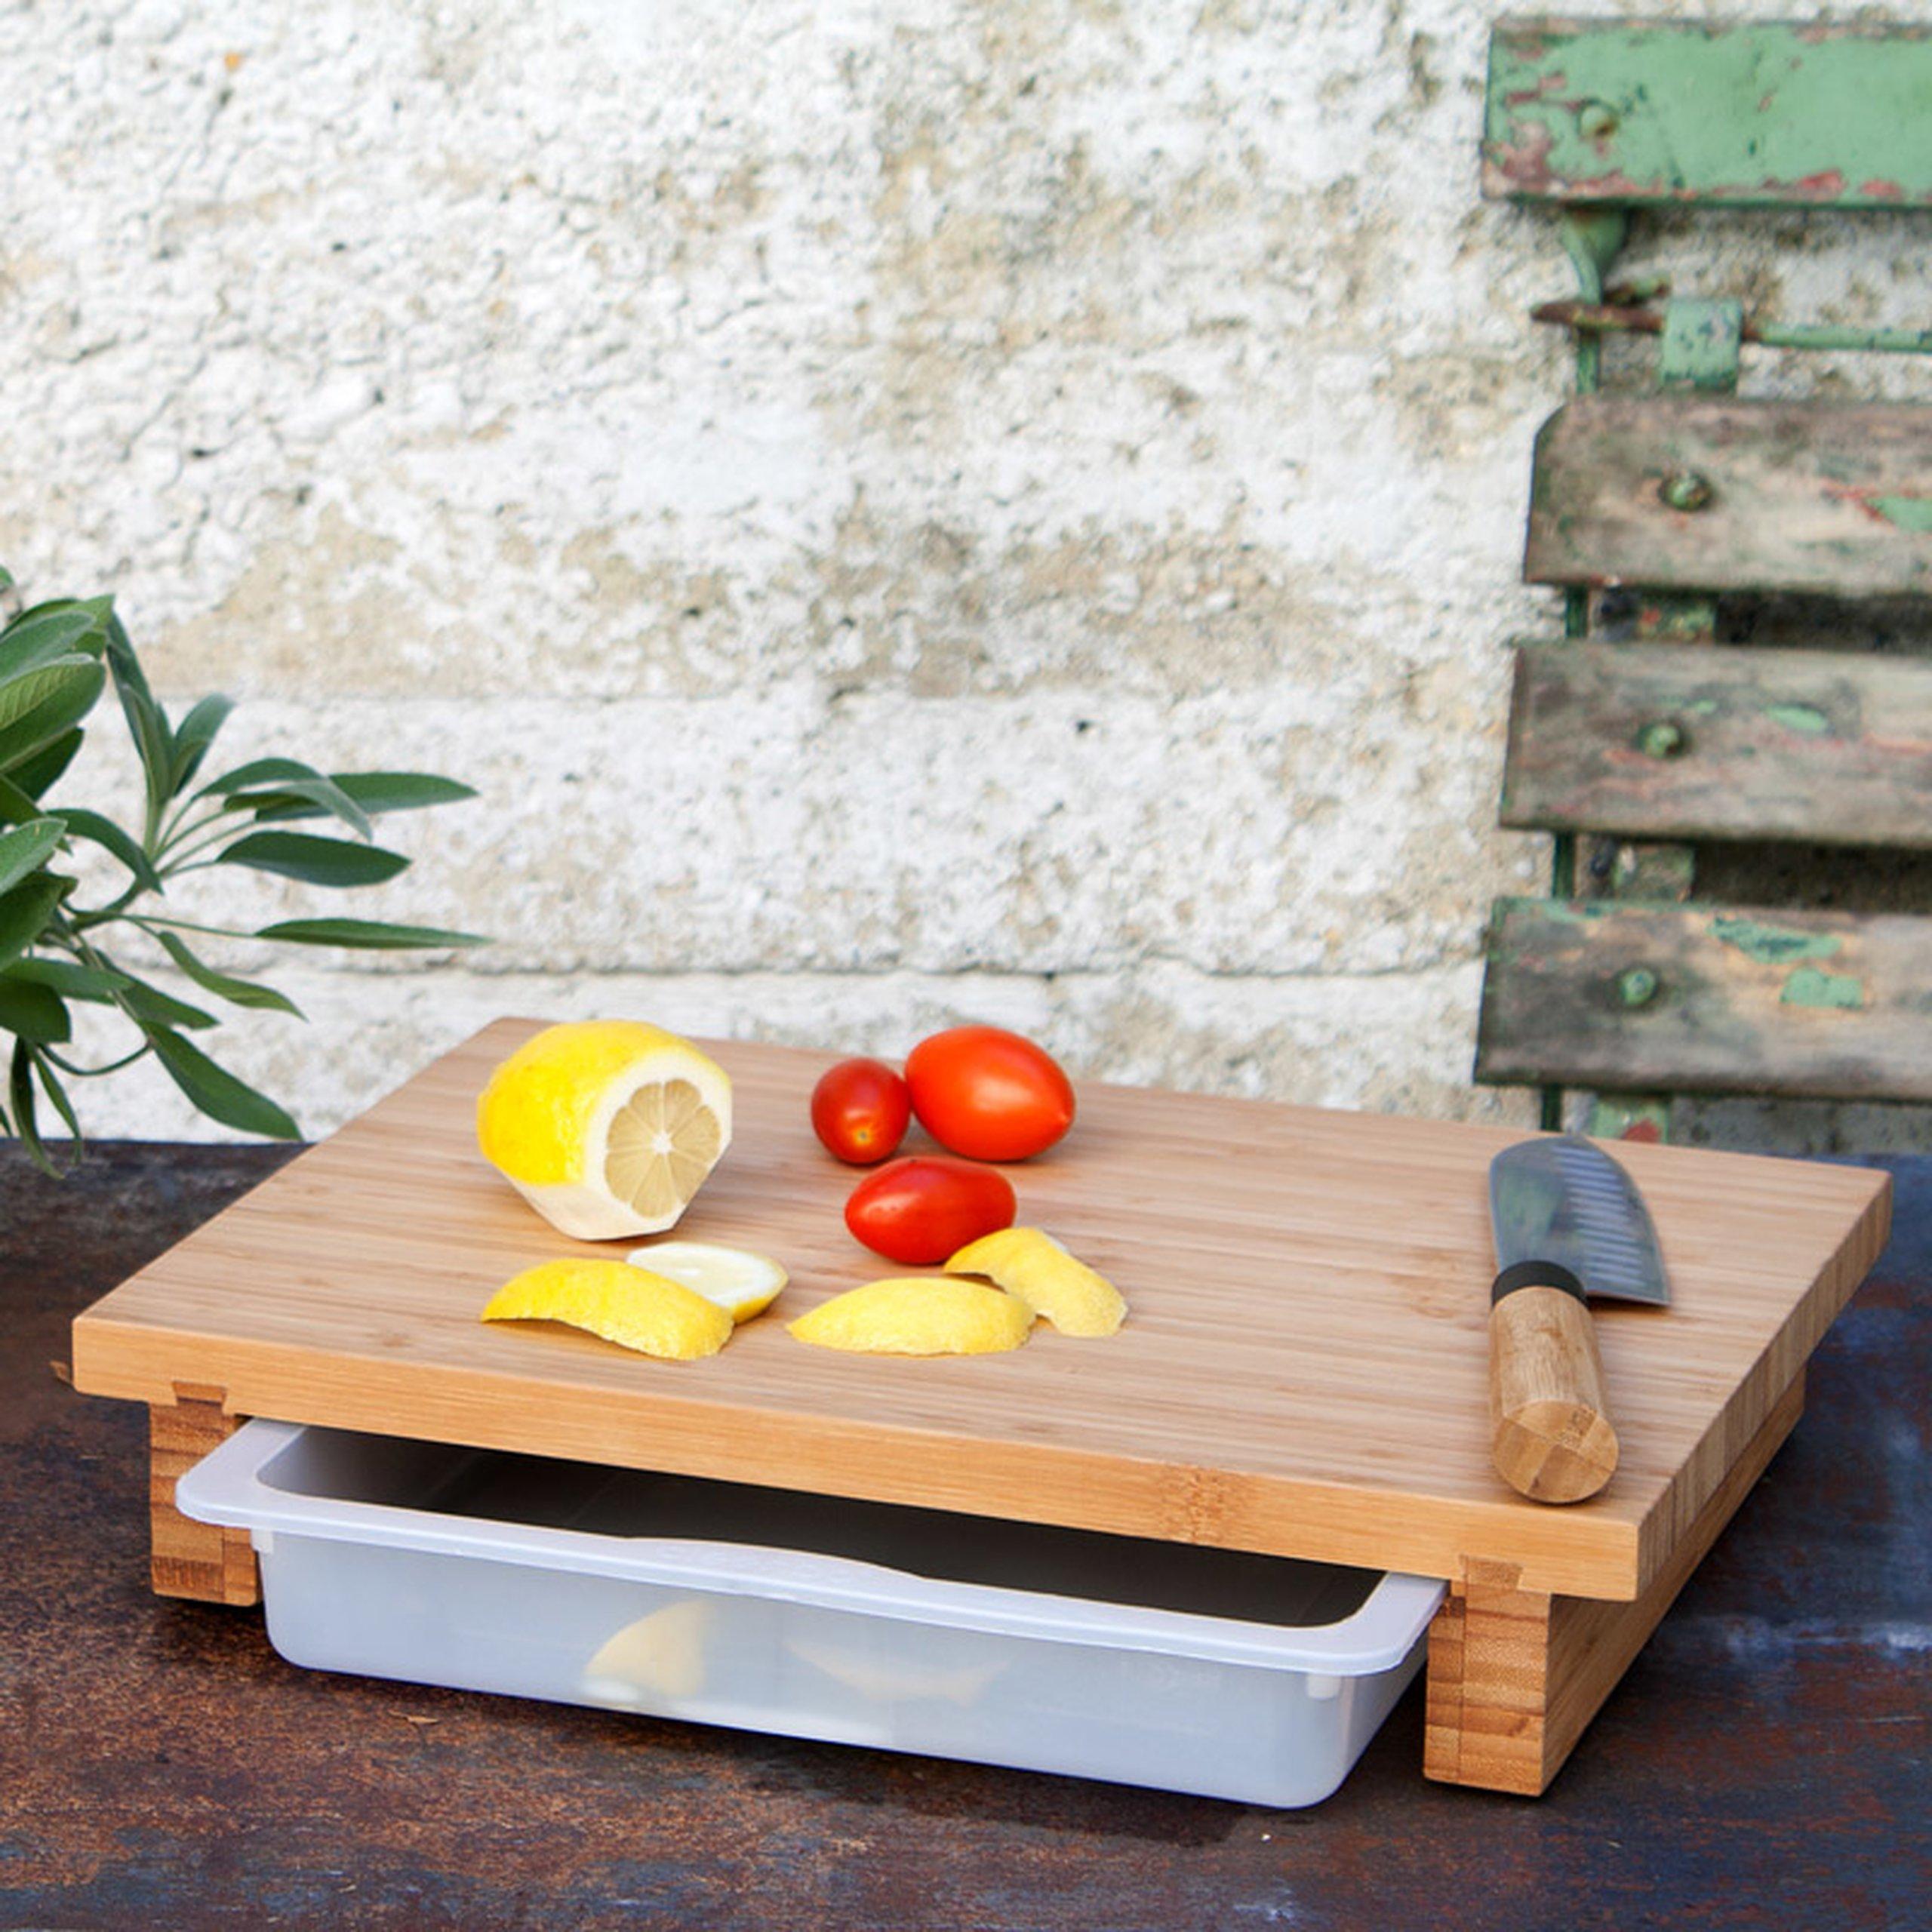 cleenbo bambus schneidebrett mit kunststoff auffangwanne 39 90. Black Bedroom Furniture Sets. Home Design Ideas